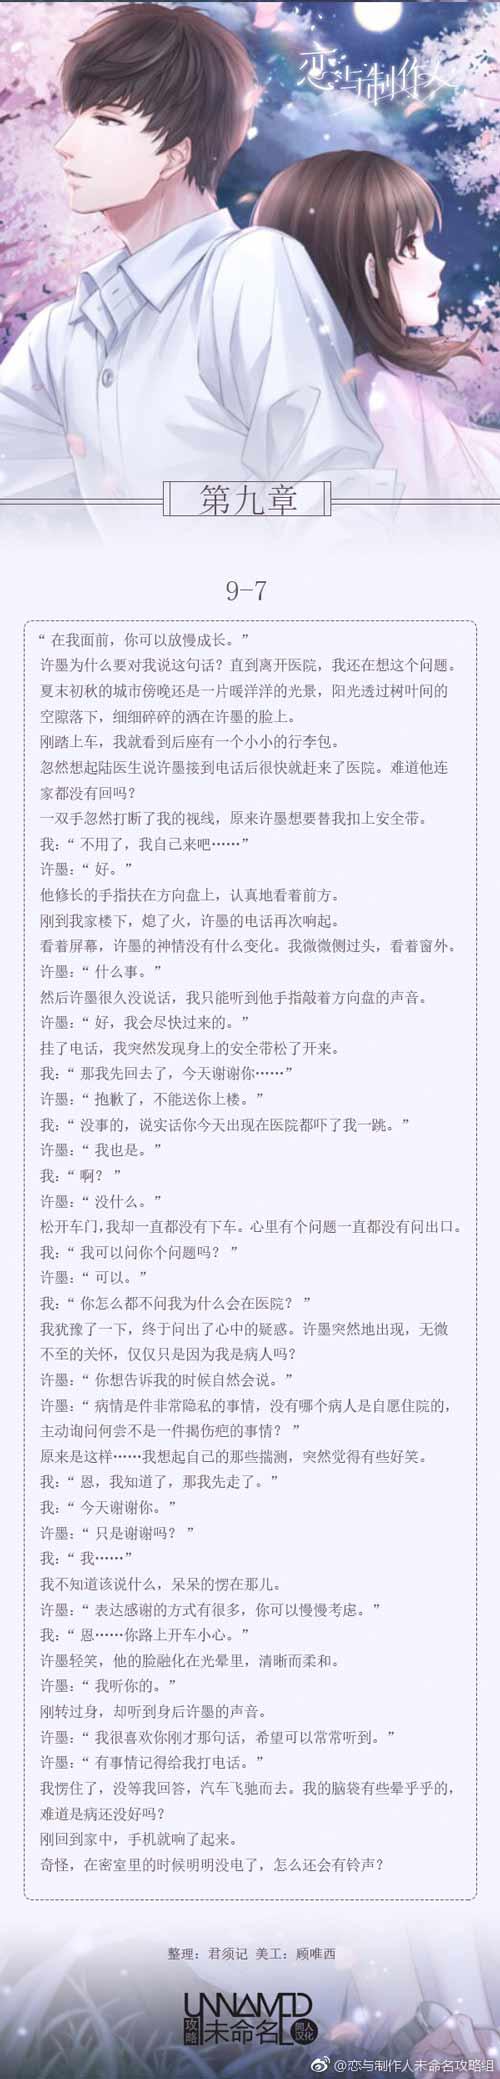 恋与制作人9-7剧情 恋与制作人第九章剧情